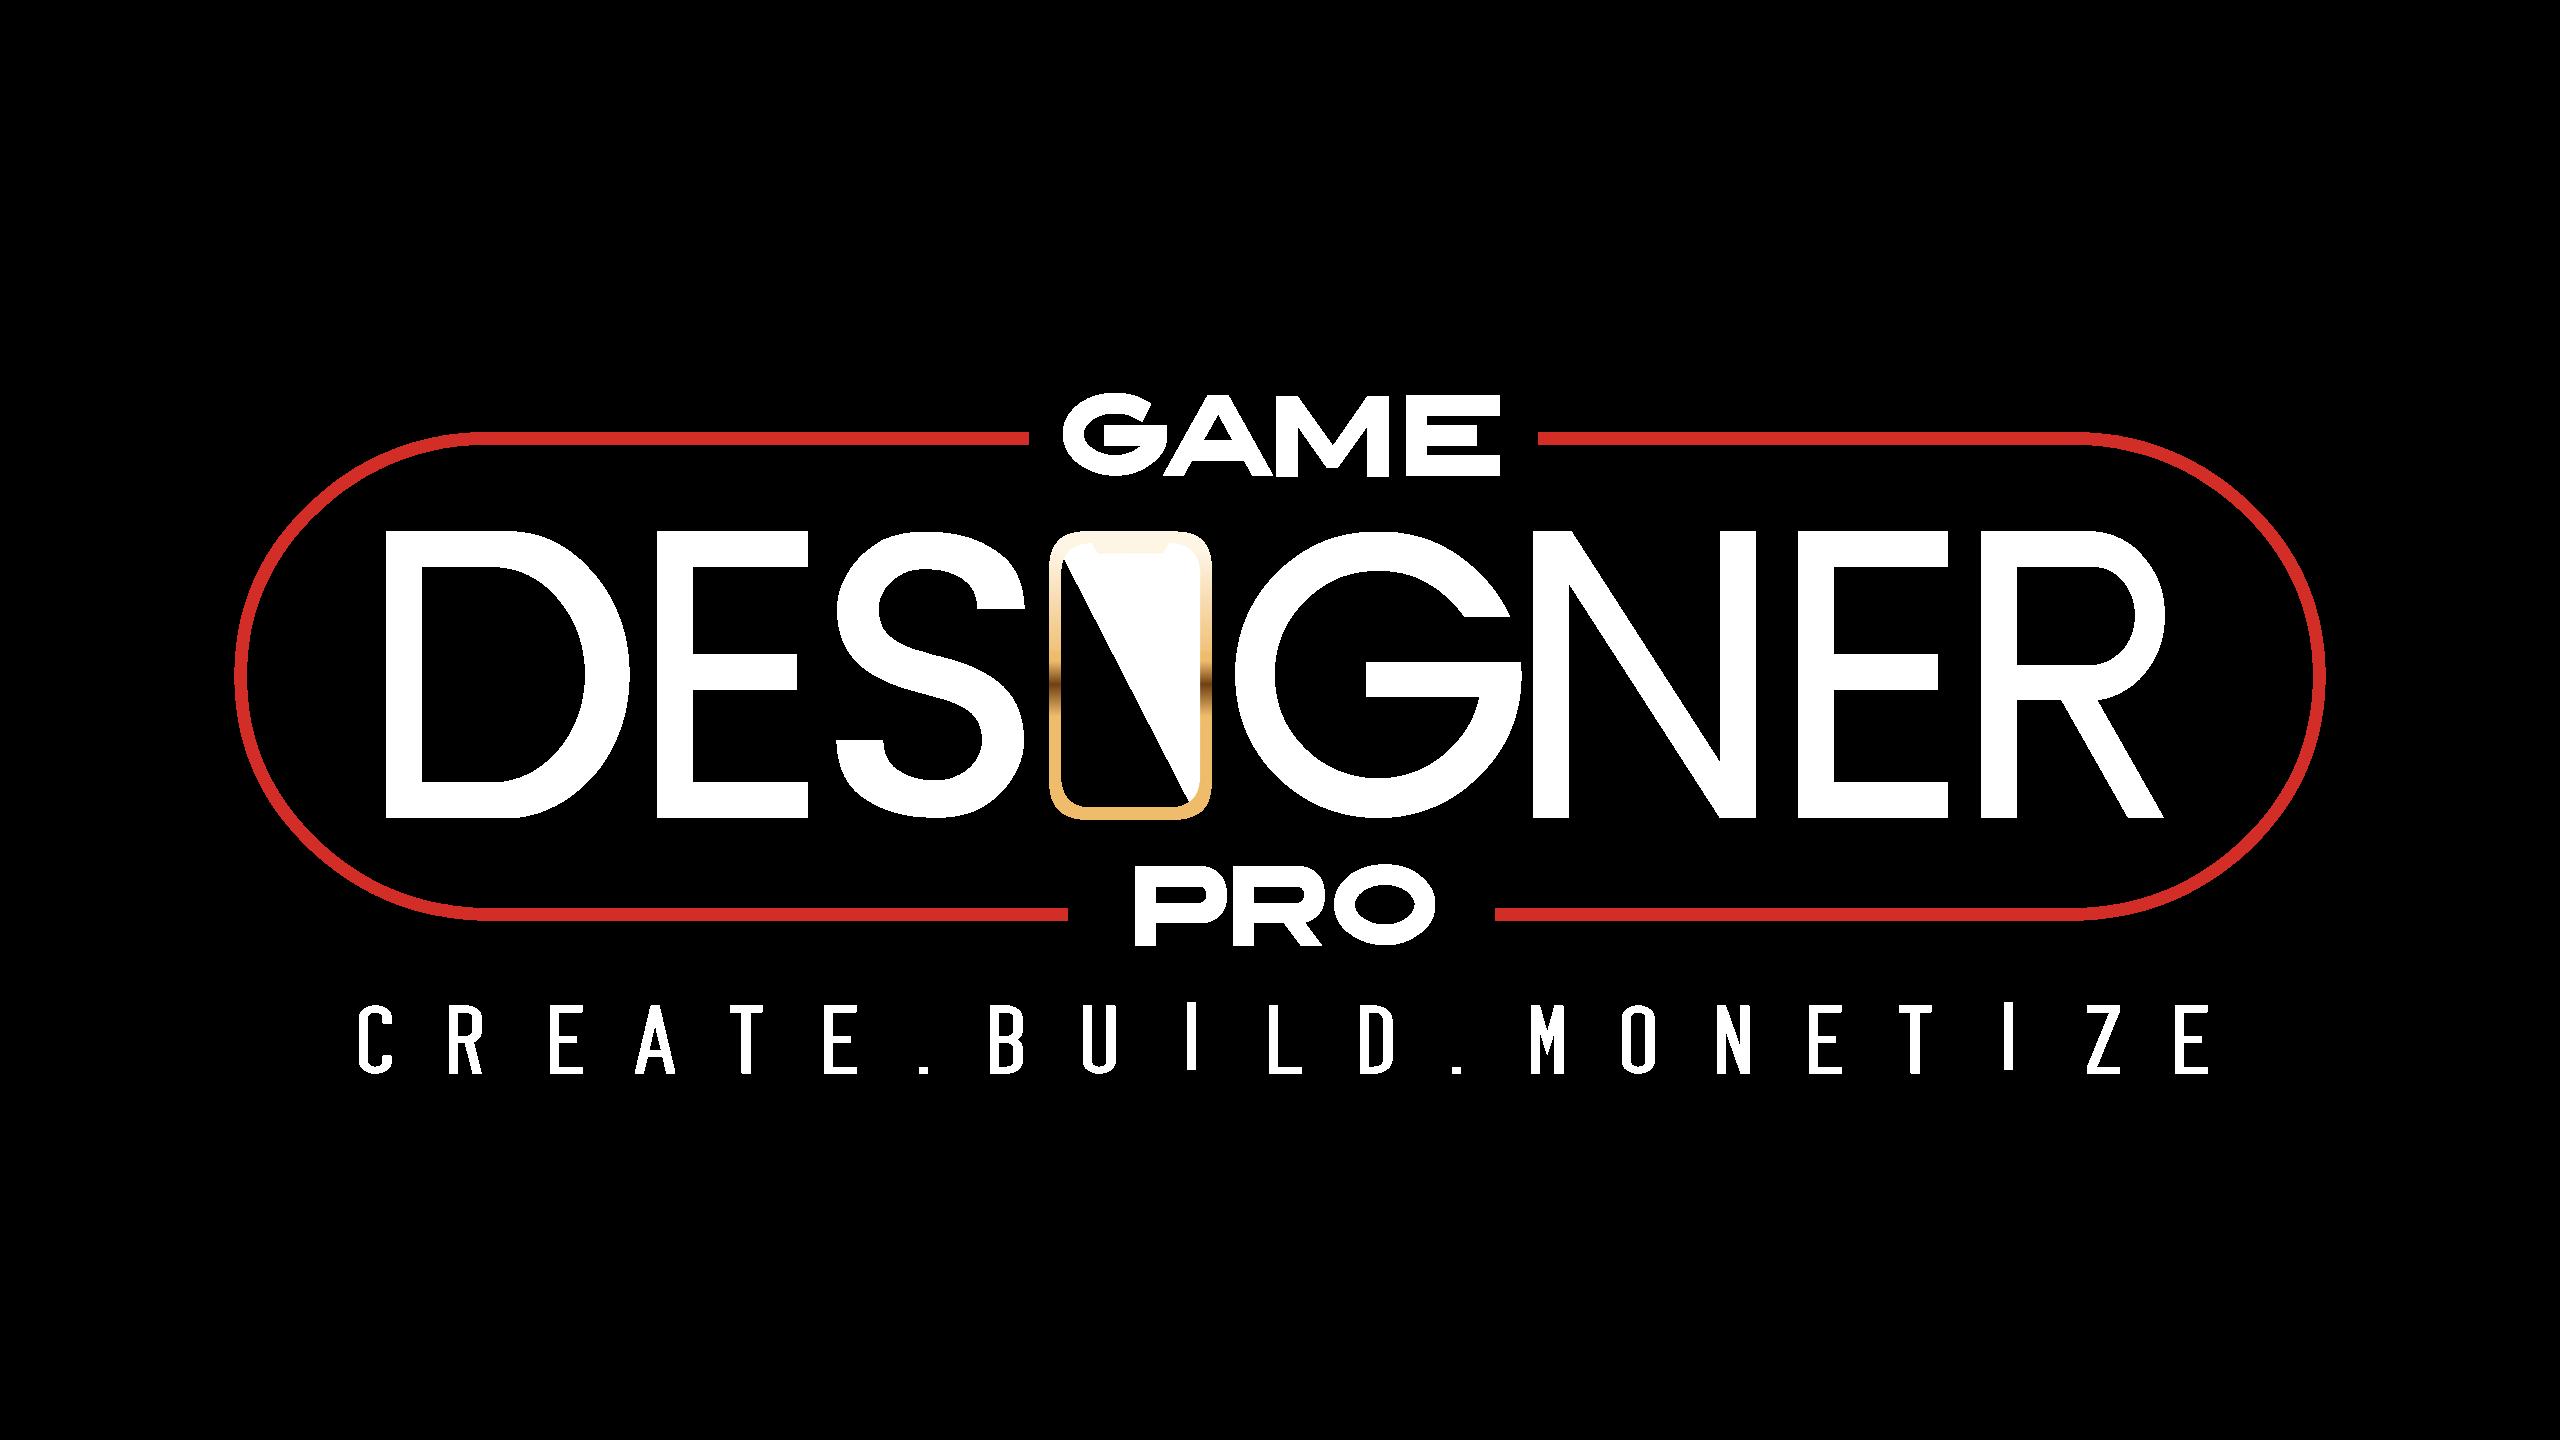 Game Designer Pro